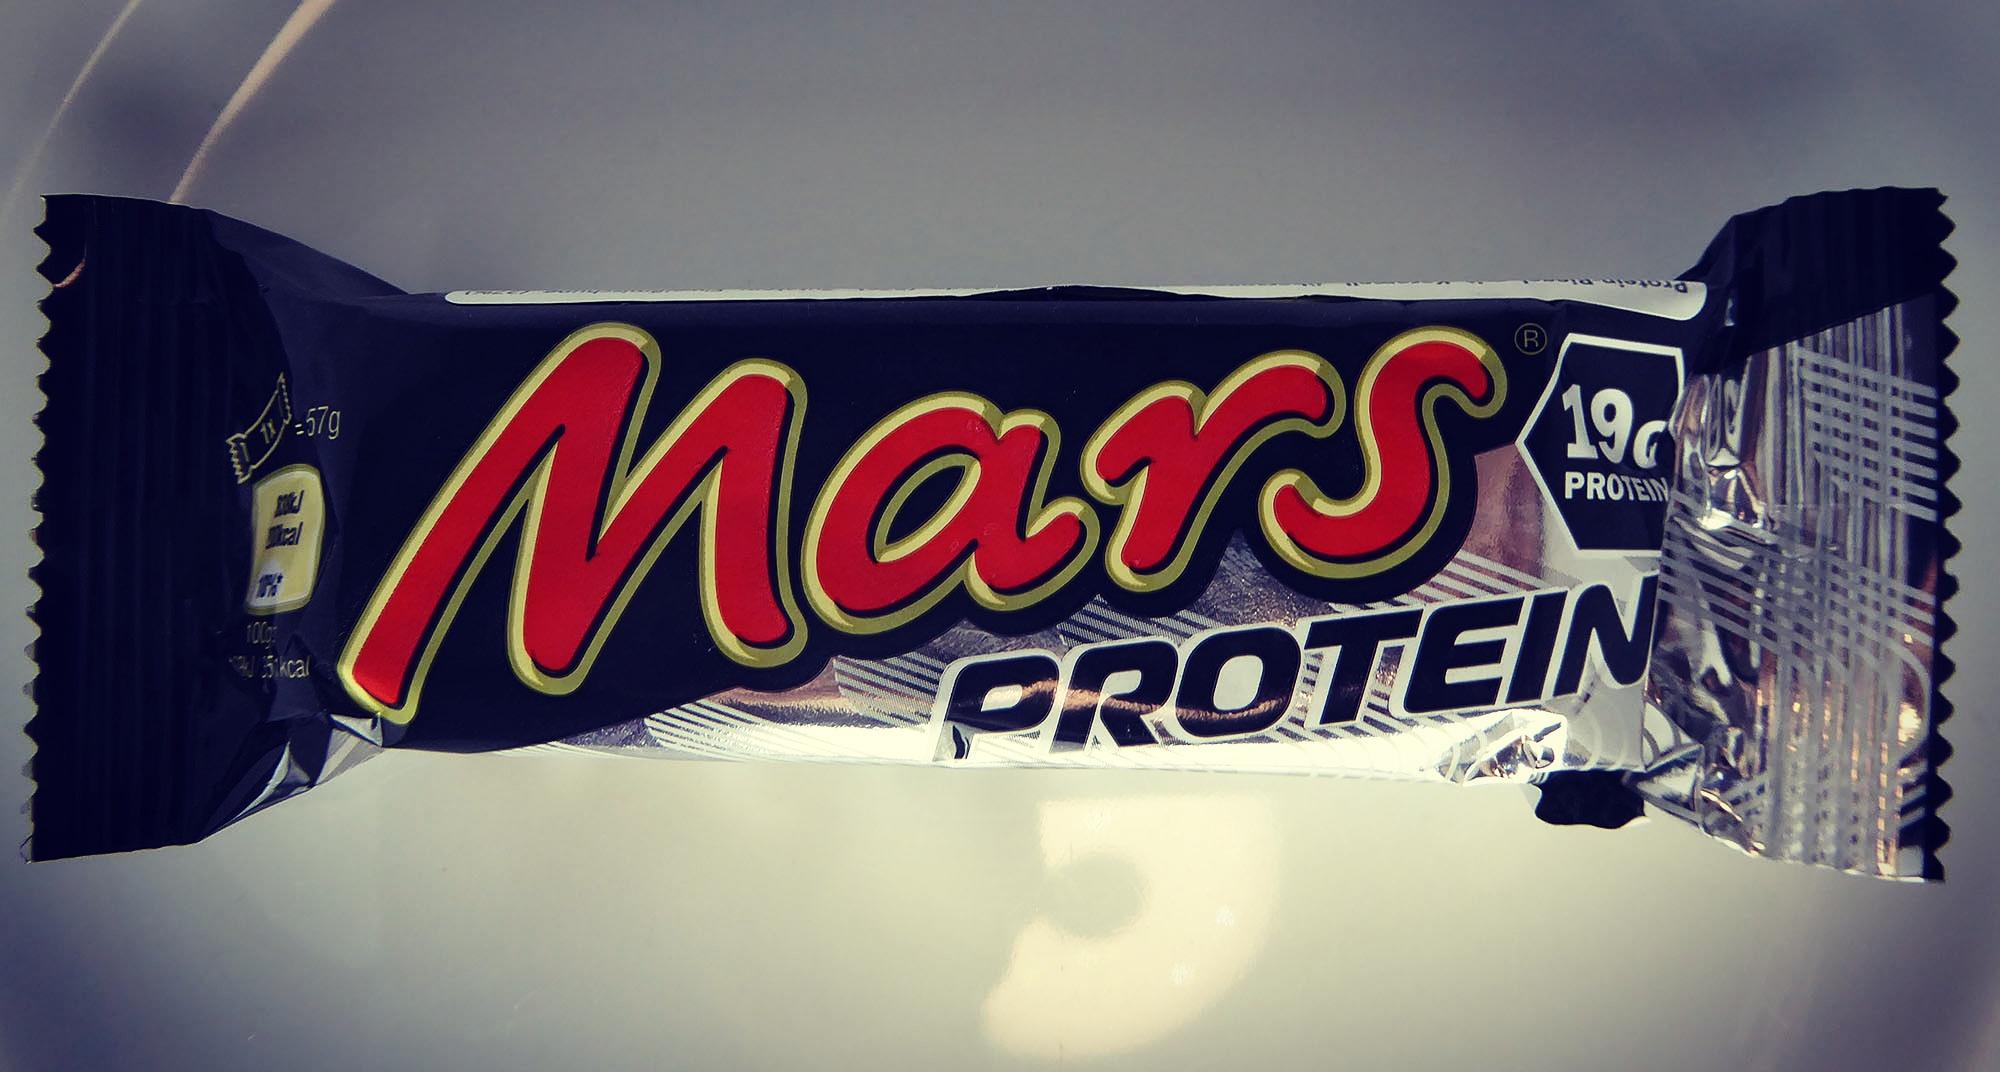 Mars Protein Proteinbar